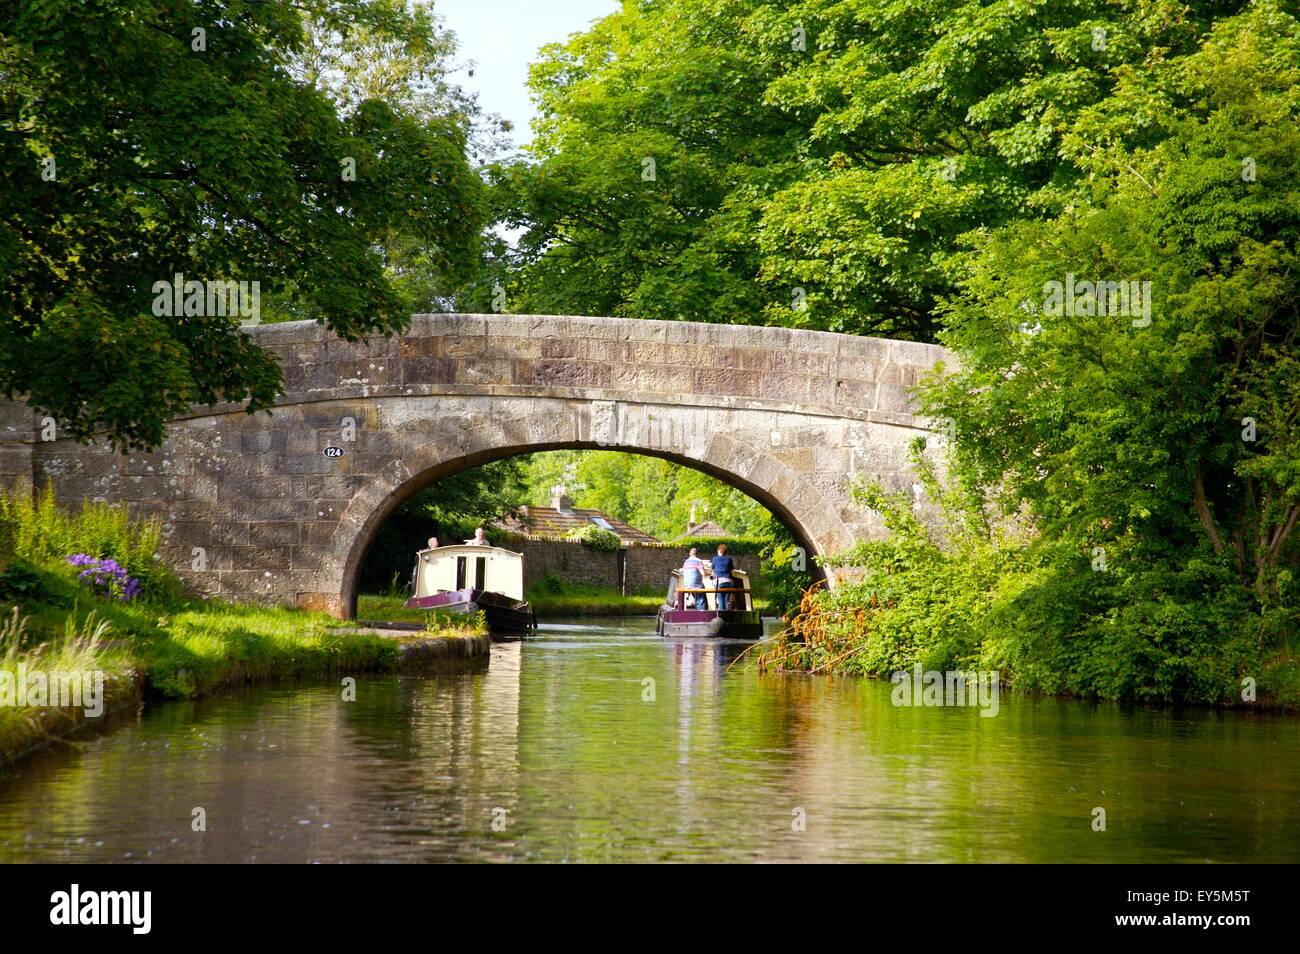 Lancaster Canal near Bolton-le-Sands, Lancashire - Stock Image